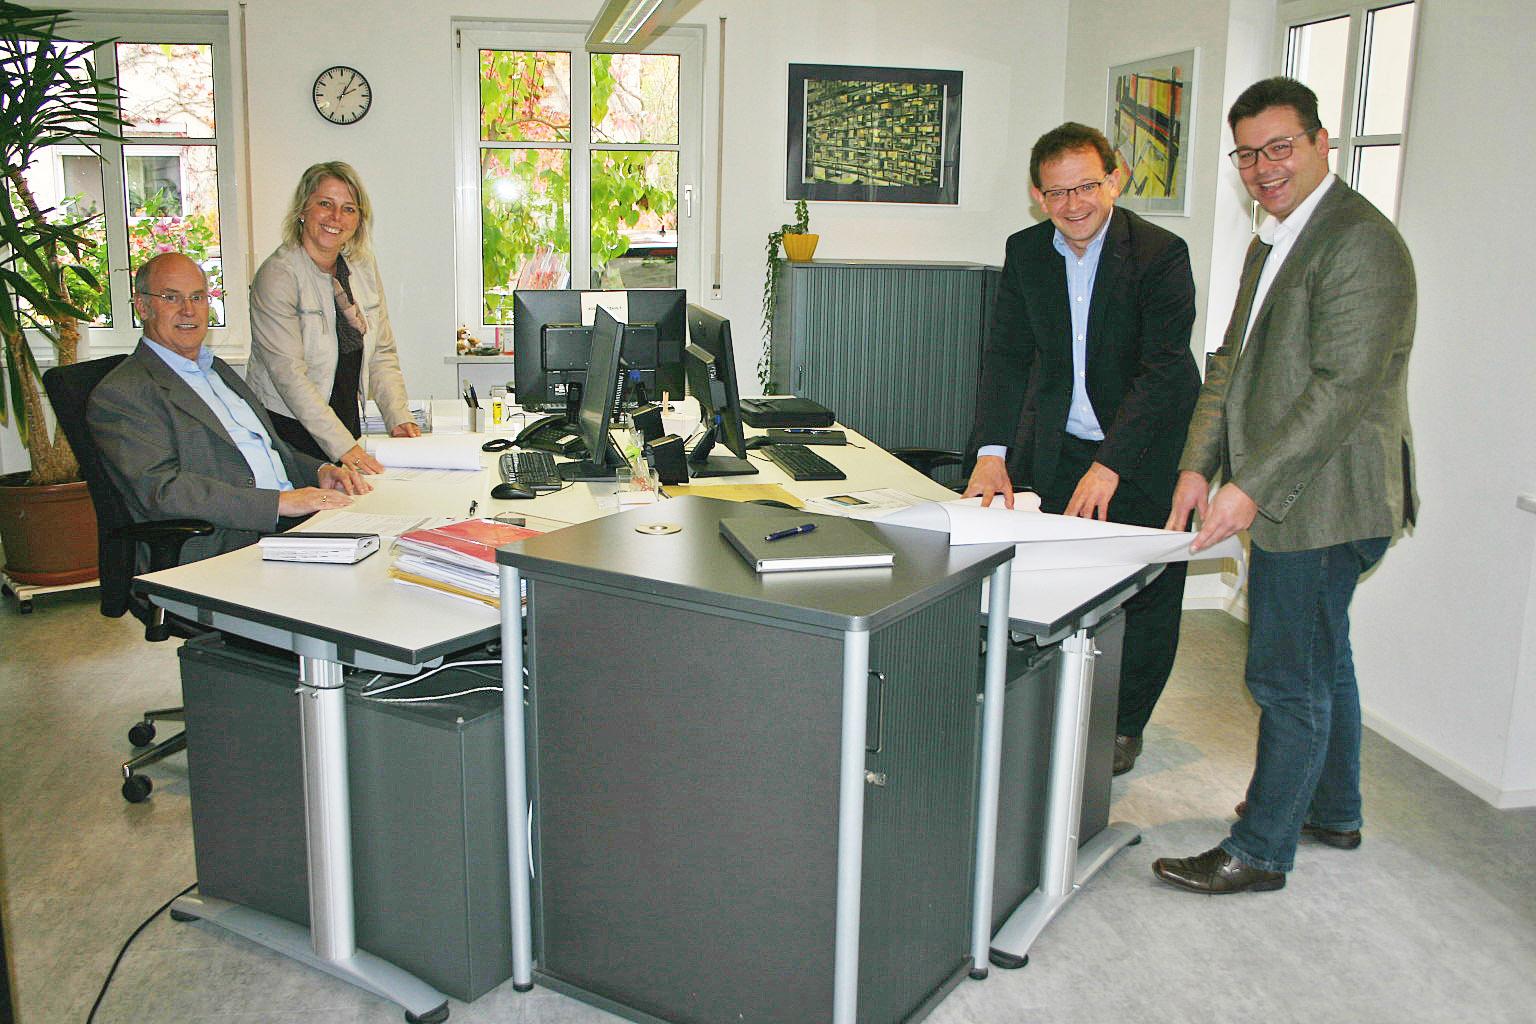 Bild-2-Firmengeschichte-Immobilien-Jungermann-und-Hausner-Weilheim-iOB